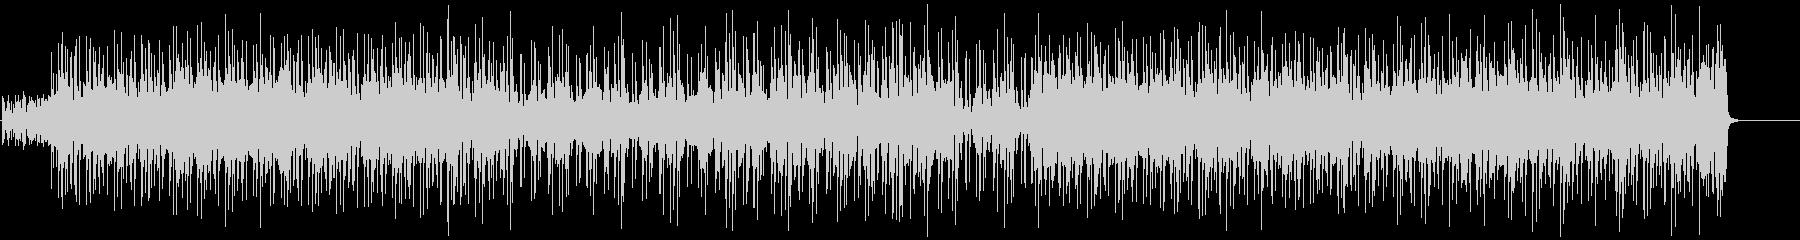 ブルージーでクールなアコギロックの未再生の波形